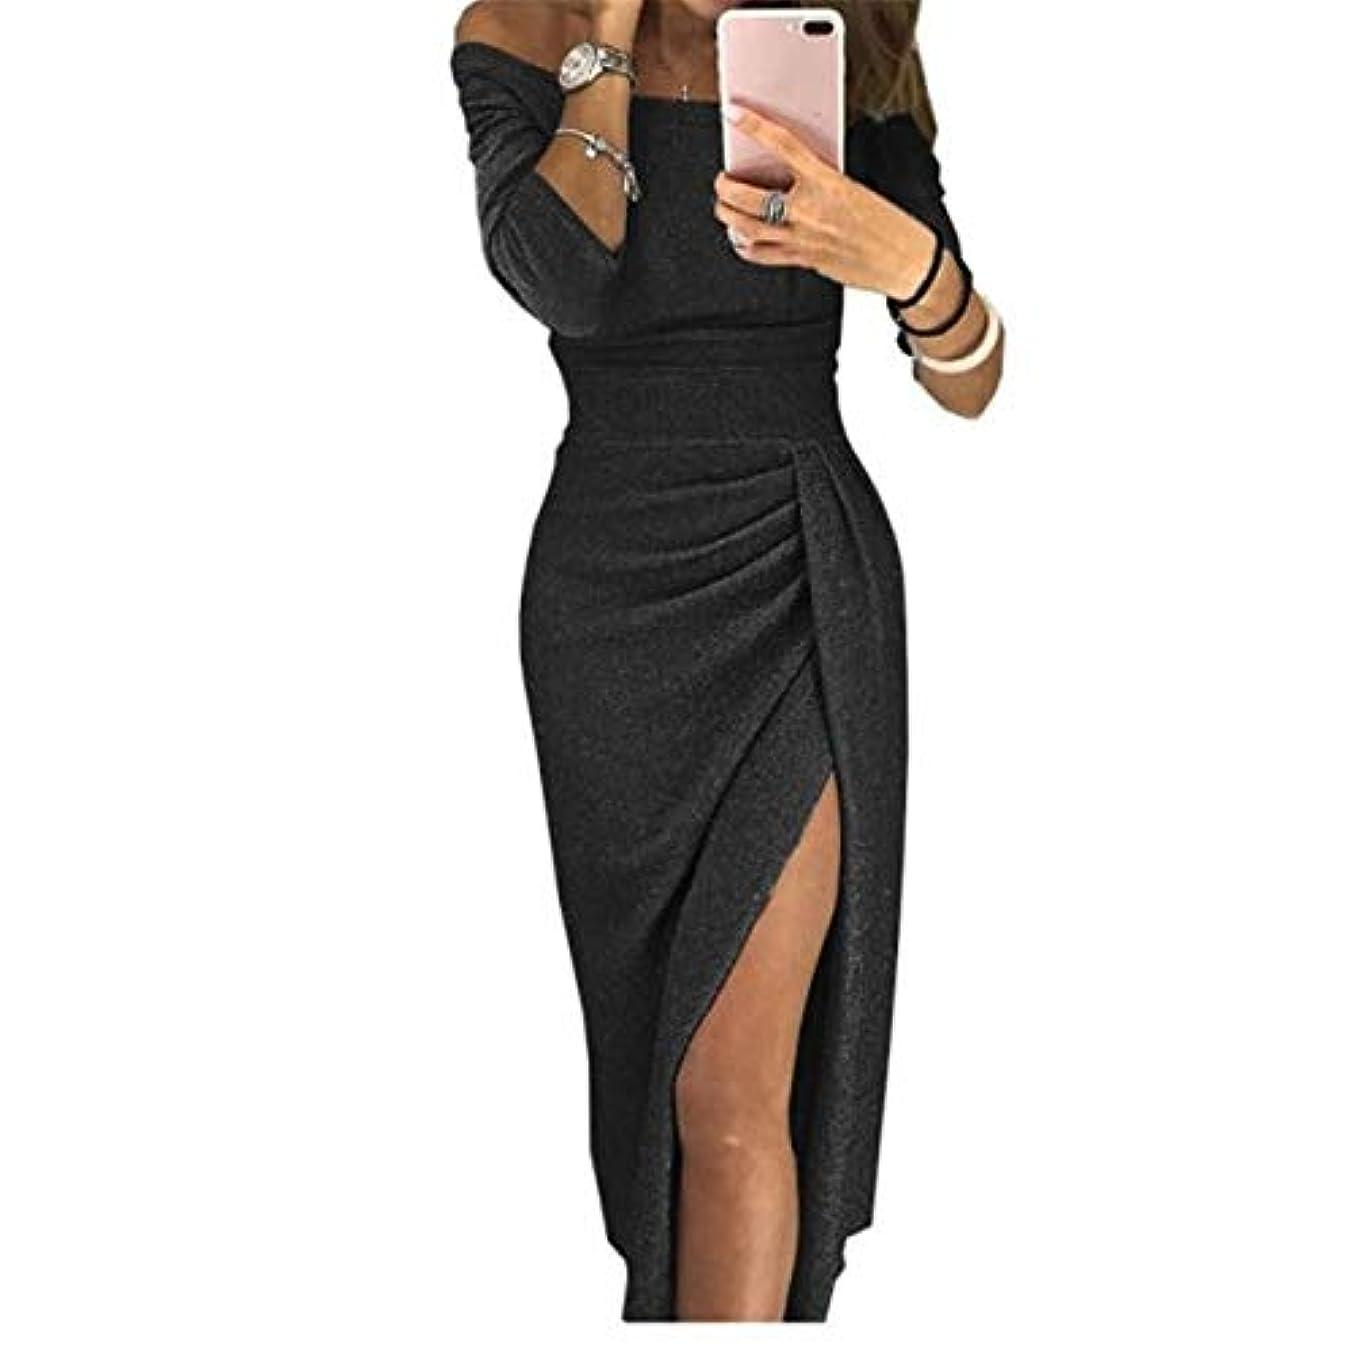 フォーマル炭素添加剤Onderroa - 夏の女性のドレスはネックパッケージヒップスプリットセクシーなスパンコールのドレスレディース包帯パーティーナイトクラブミッドカーフ服装スラッシュ